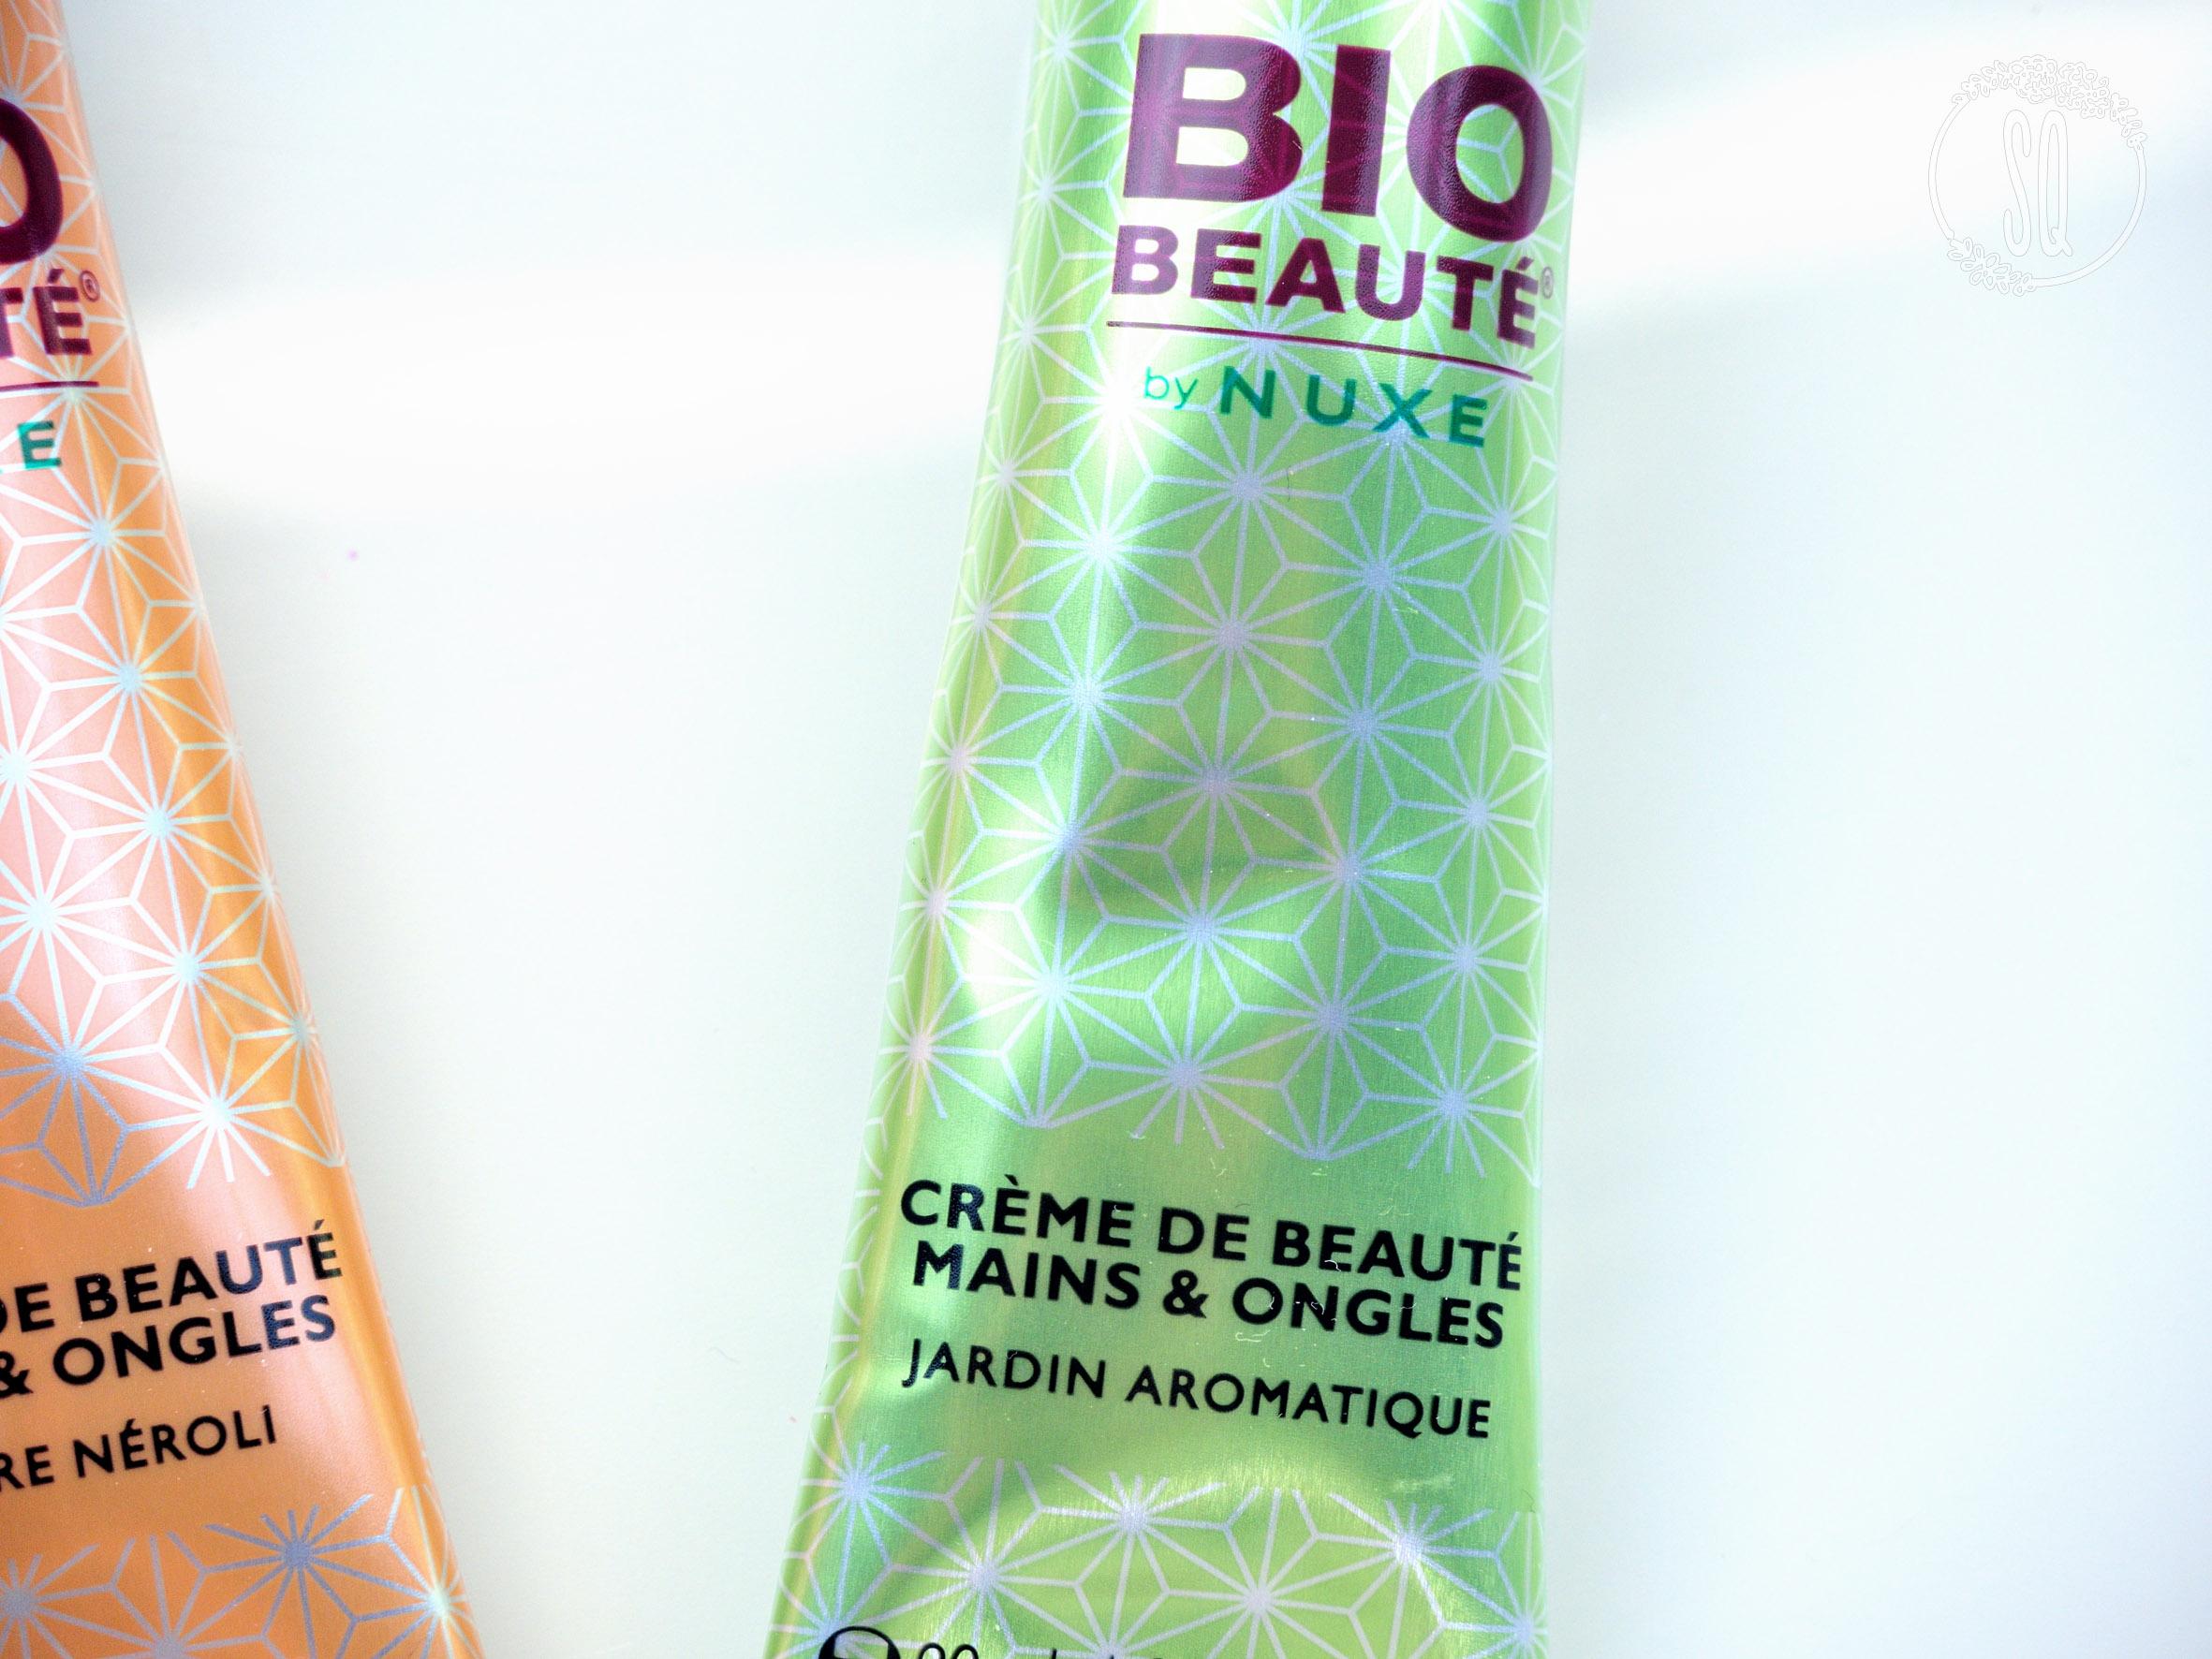 Cremas de manos de Bio Beaute de Nuxe